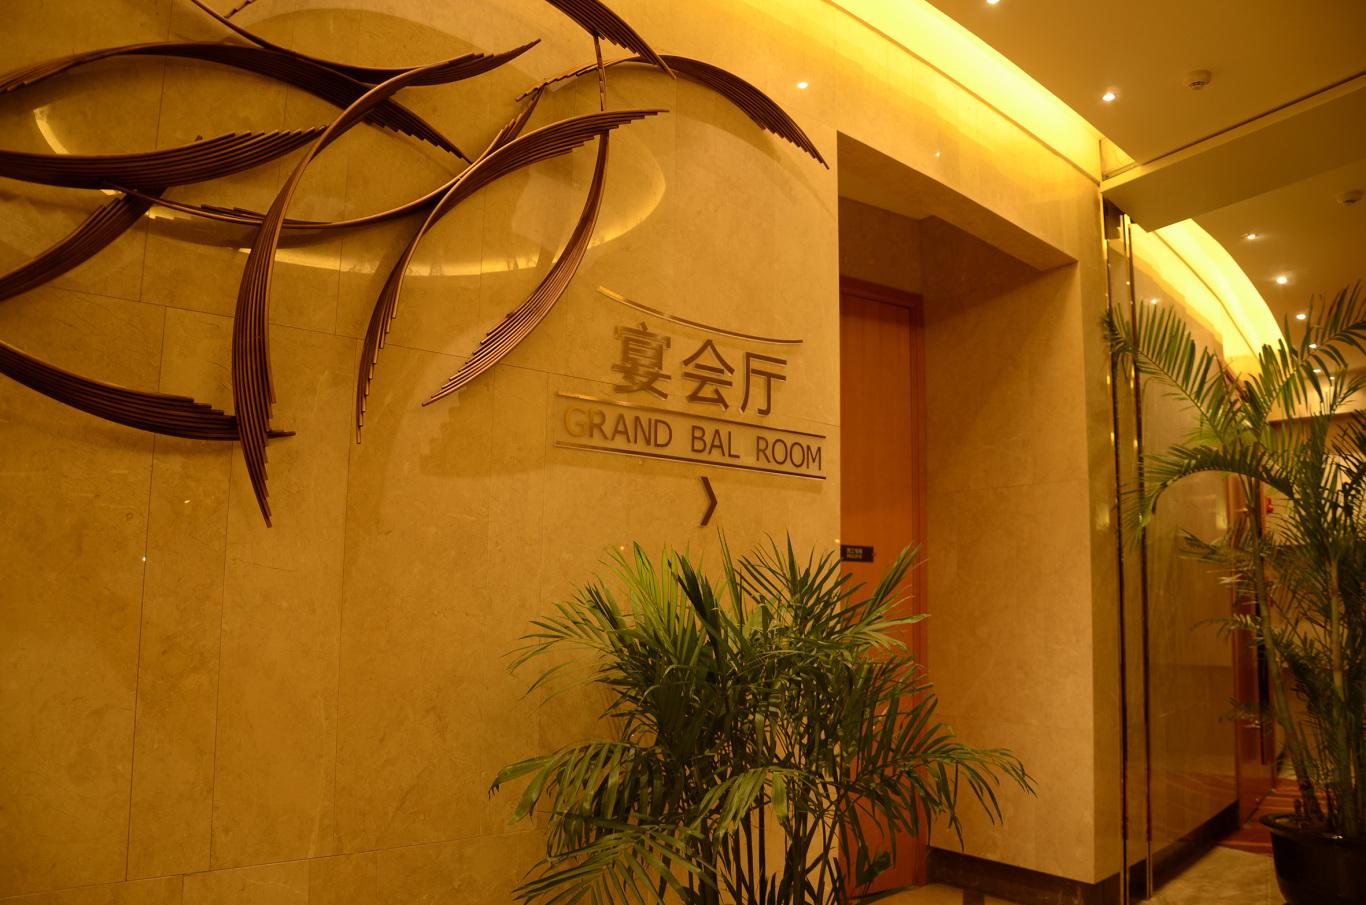 南京希尔顿酒店标识系统设计图3